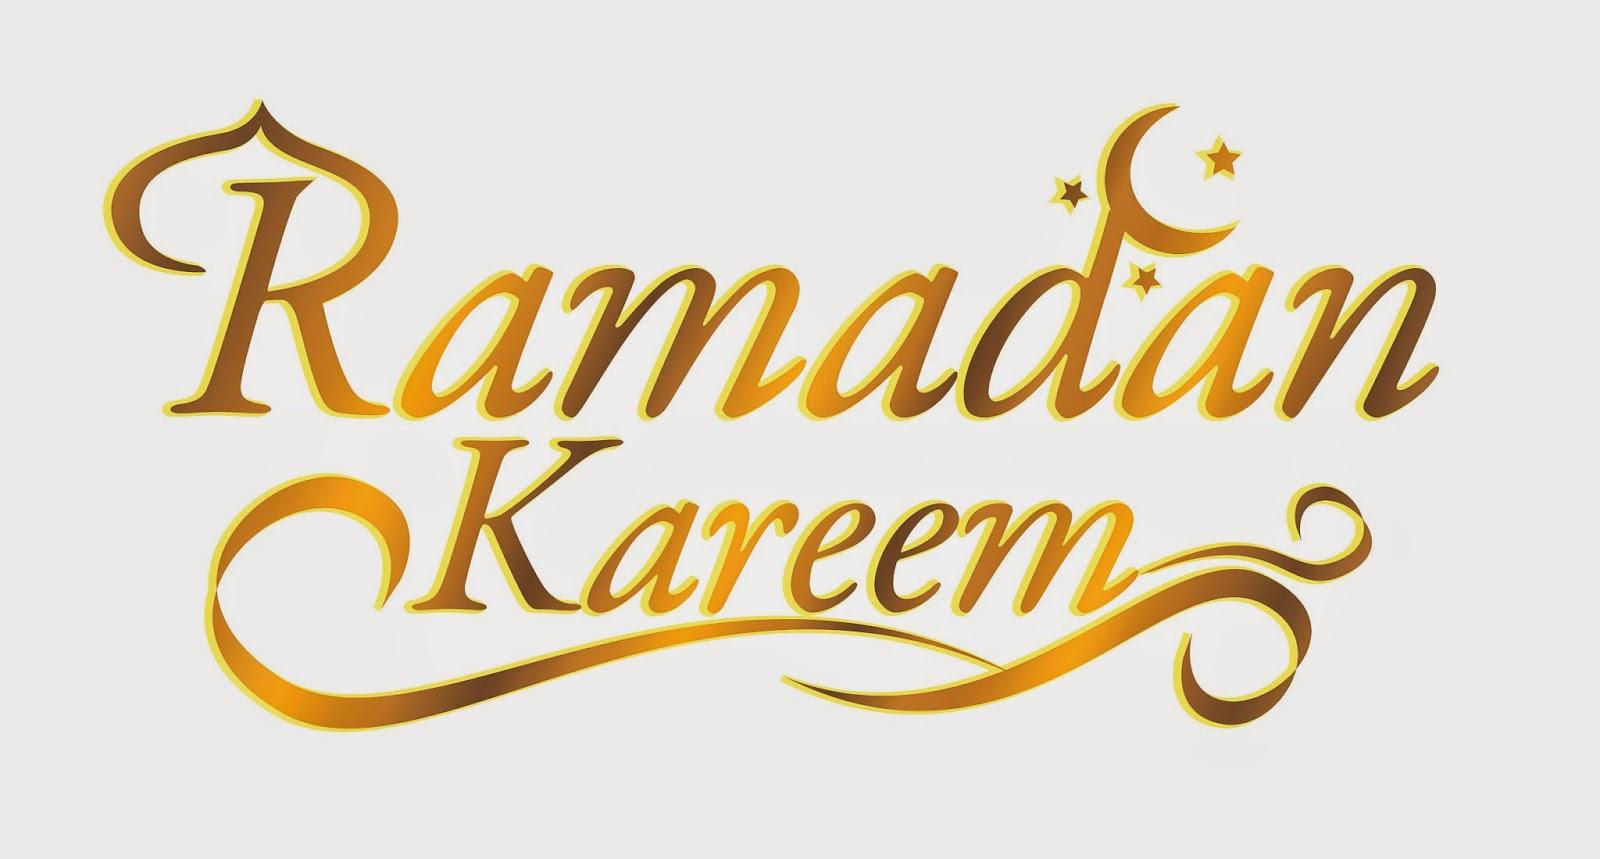 Gulf bahrain confidential. 2016 clipart ramadan